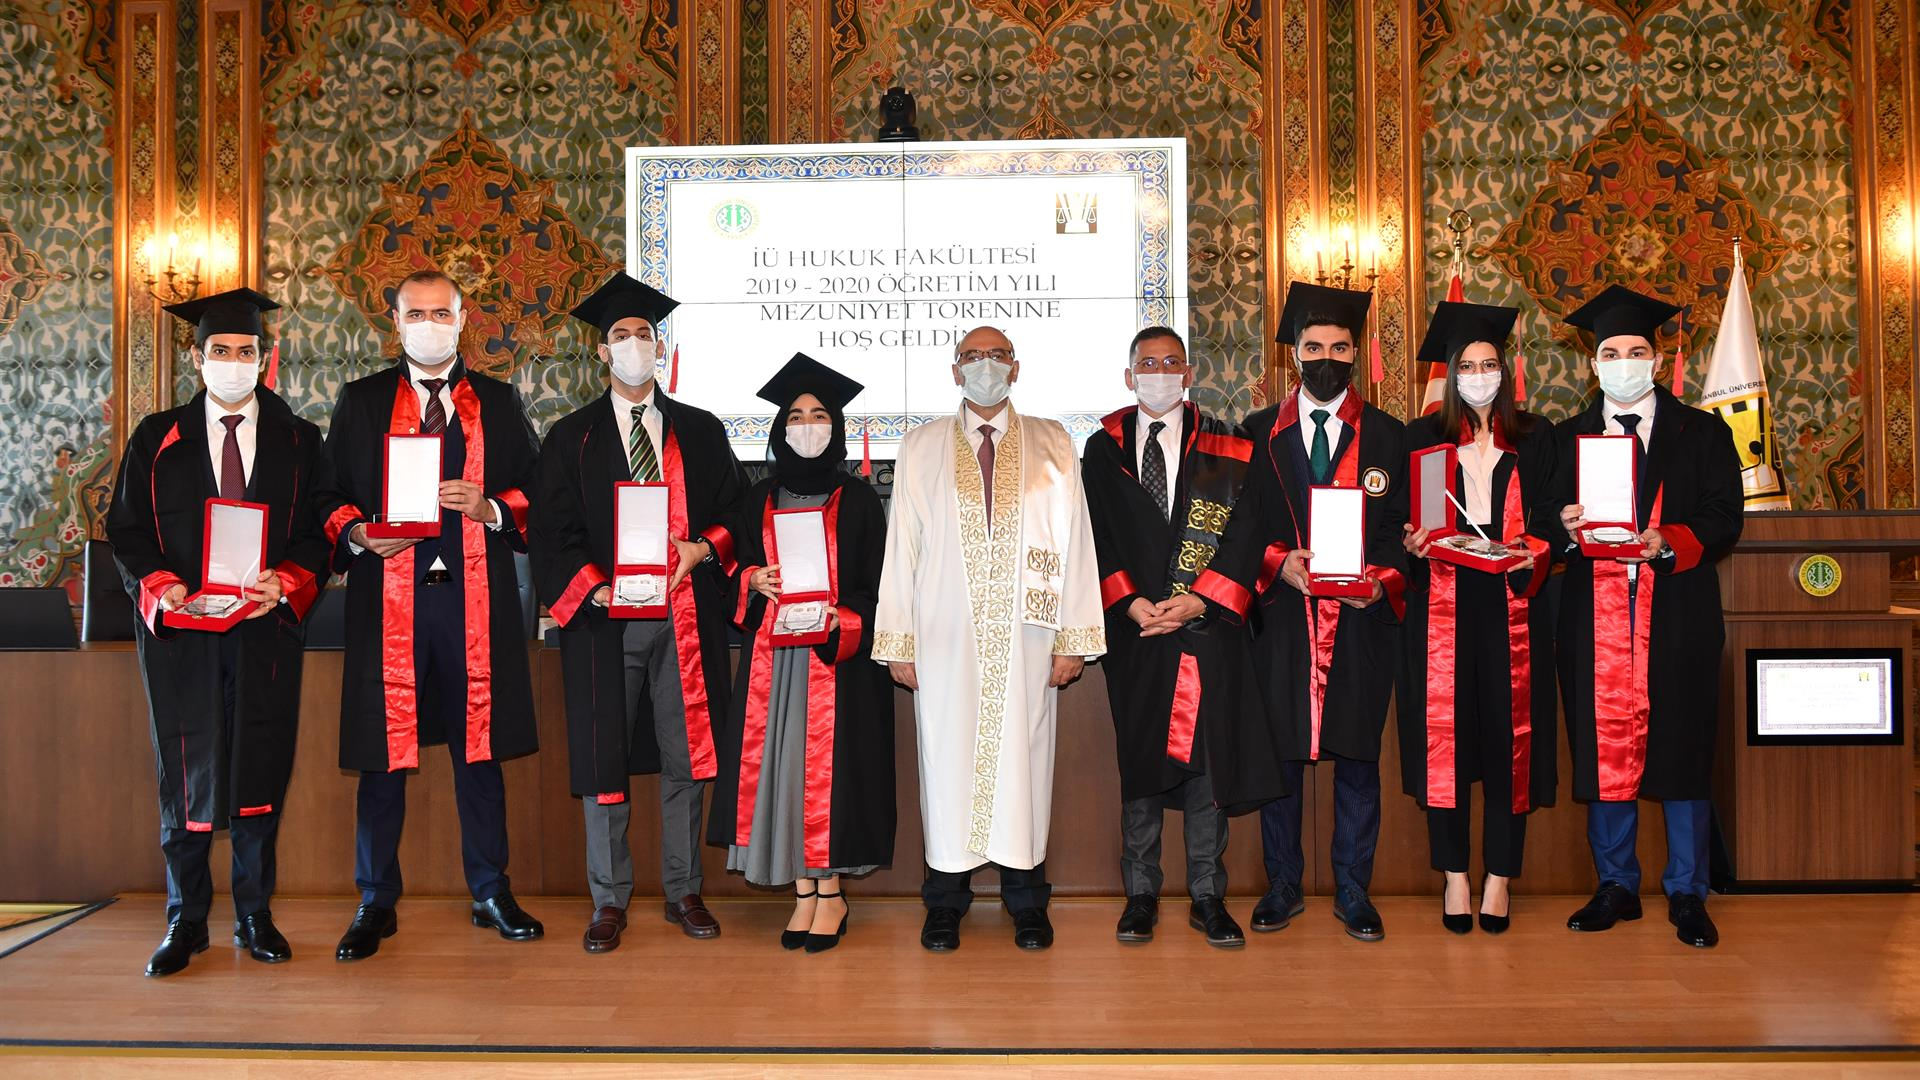 hukukfakültesi mezuniyet